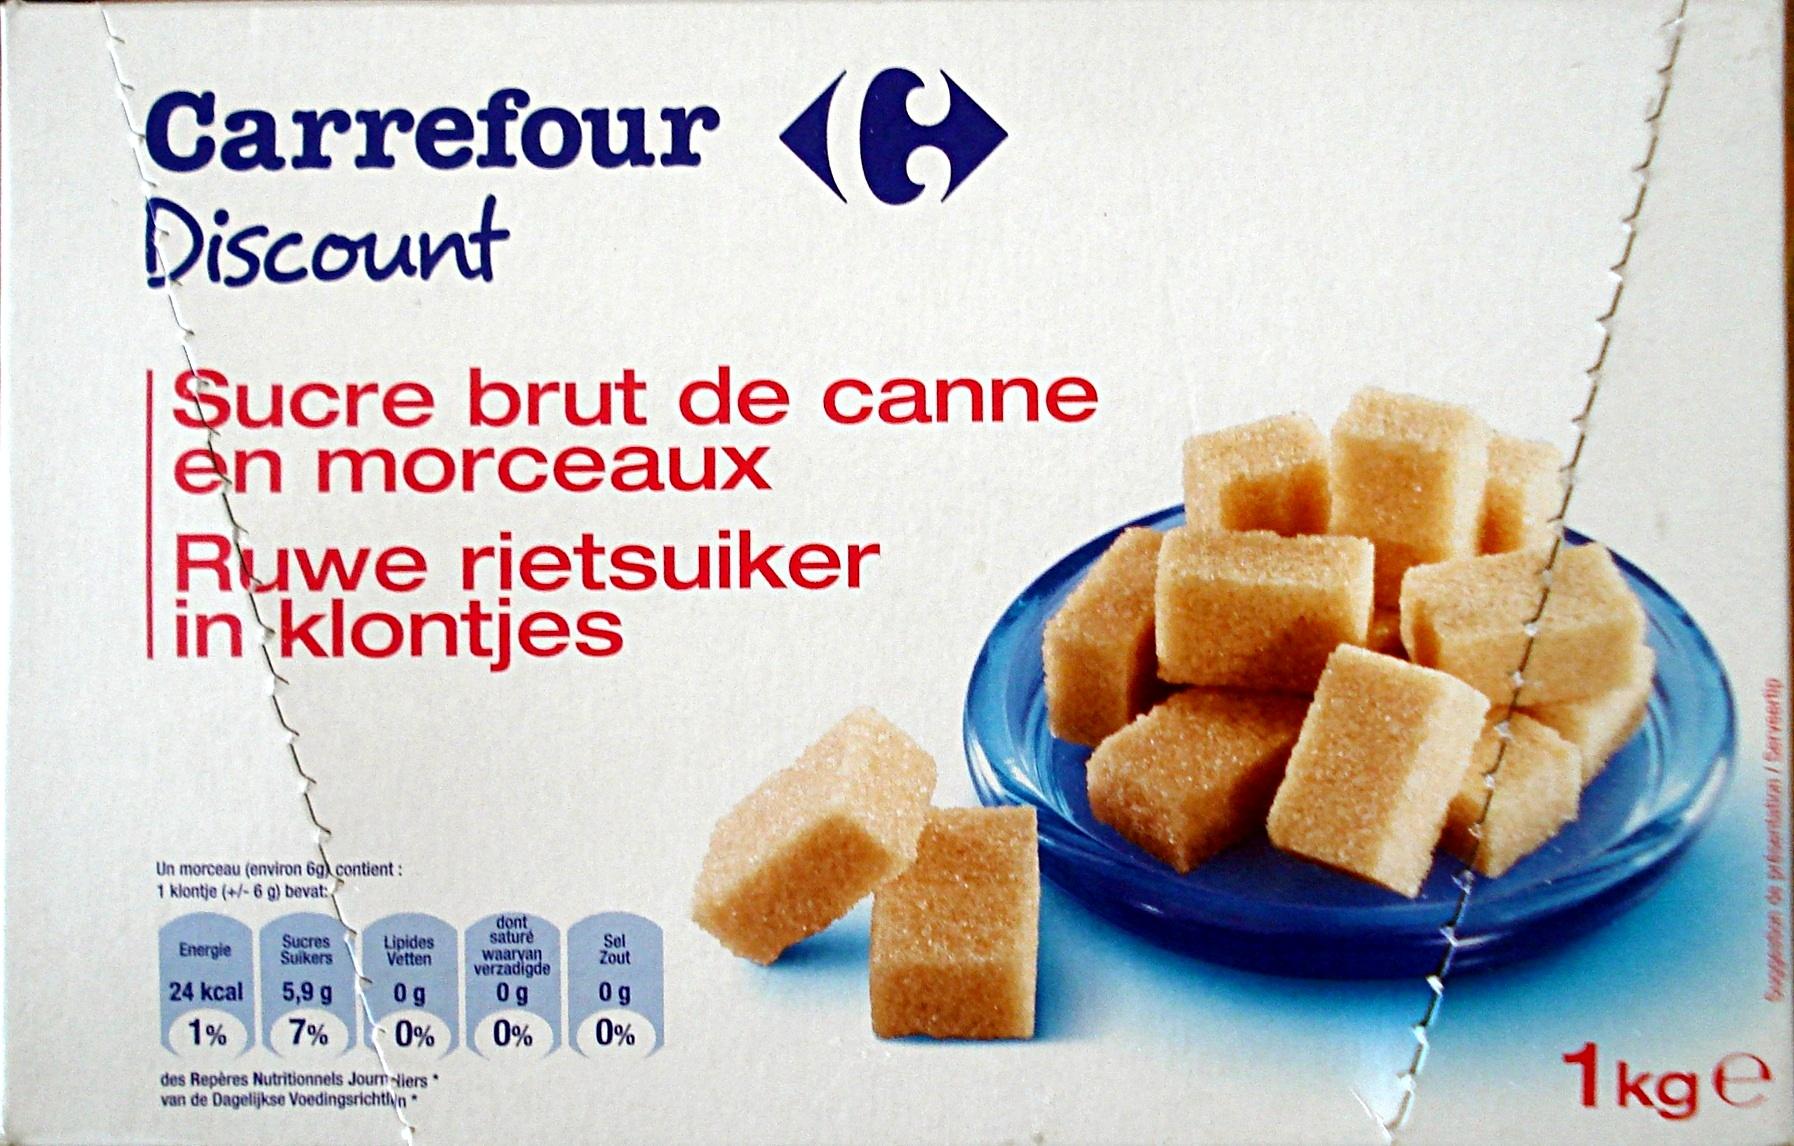 Sucre brut de canne en morceaux carrefour discount 1 kg e for Chambre de sucre coupon code